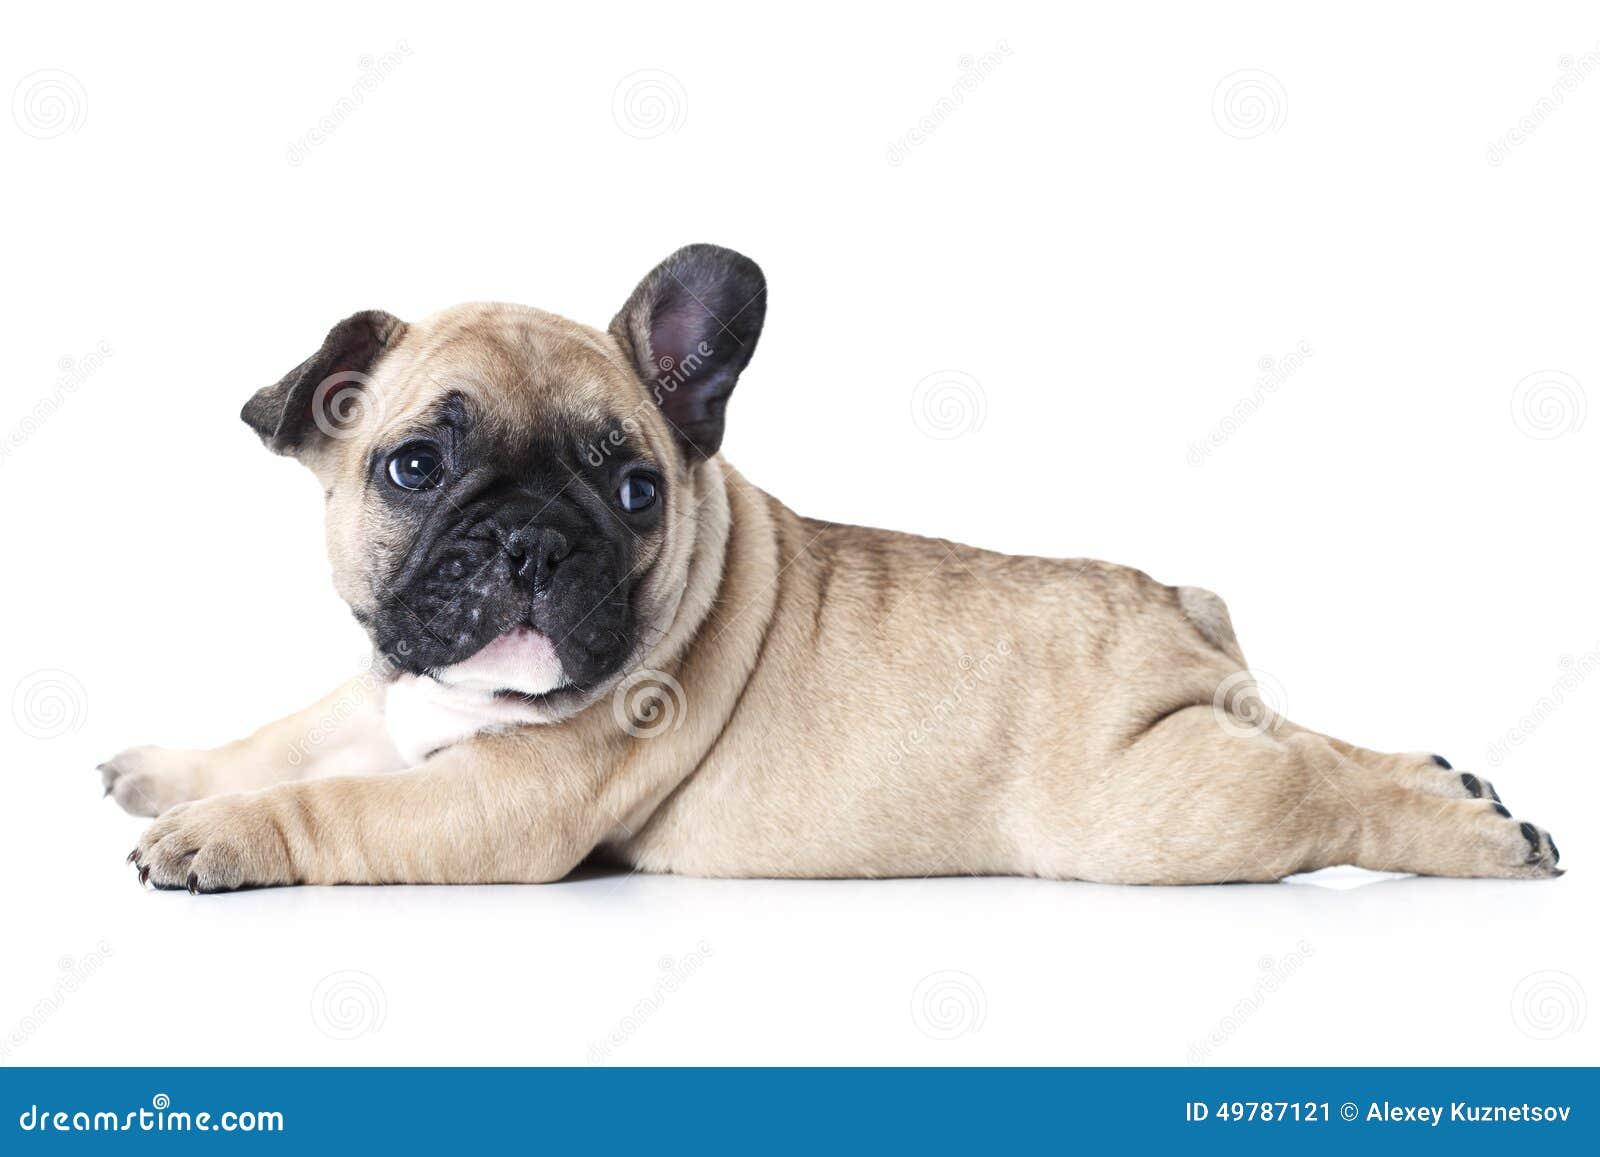 French Bulldog Puppy Lying On White Background Stock Image